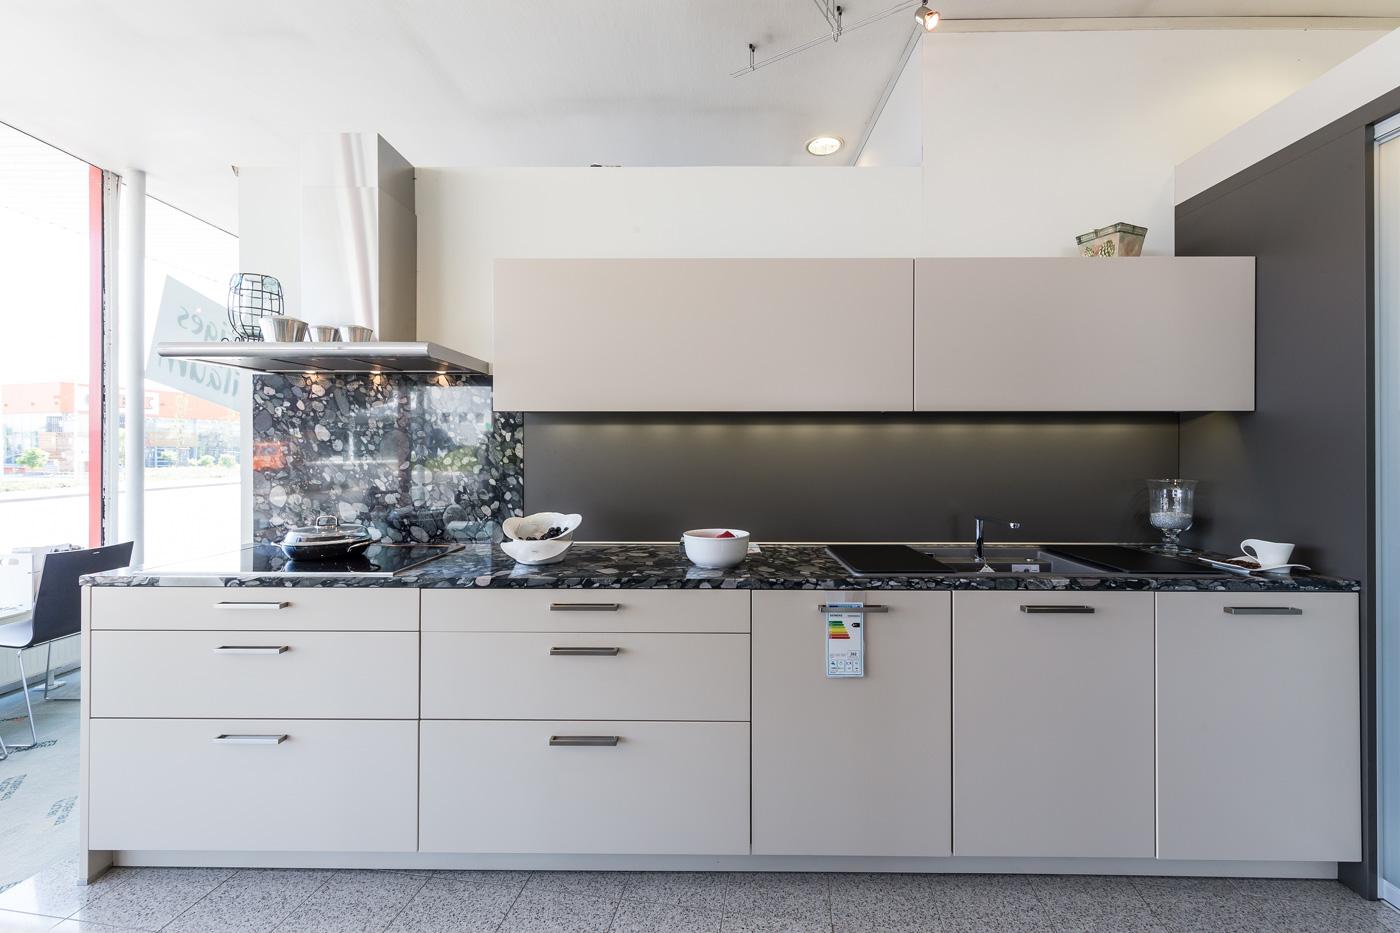 Kuchenausstellung In Bad Kreuznach Besuchen Sie Uns